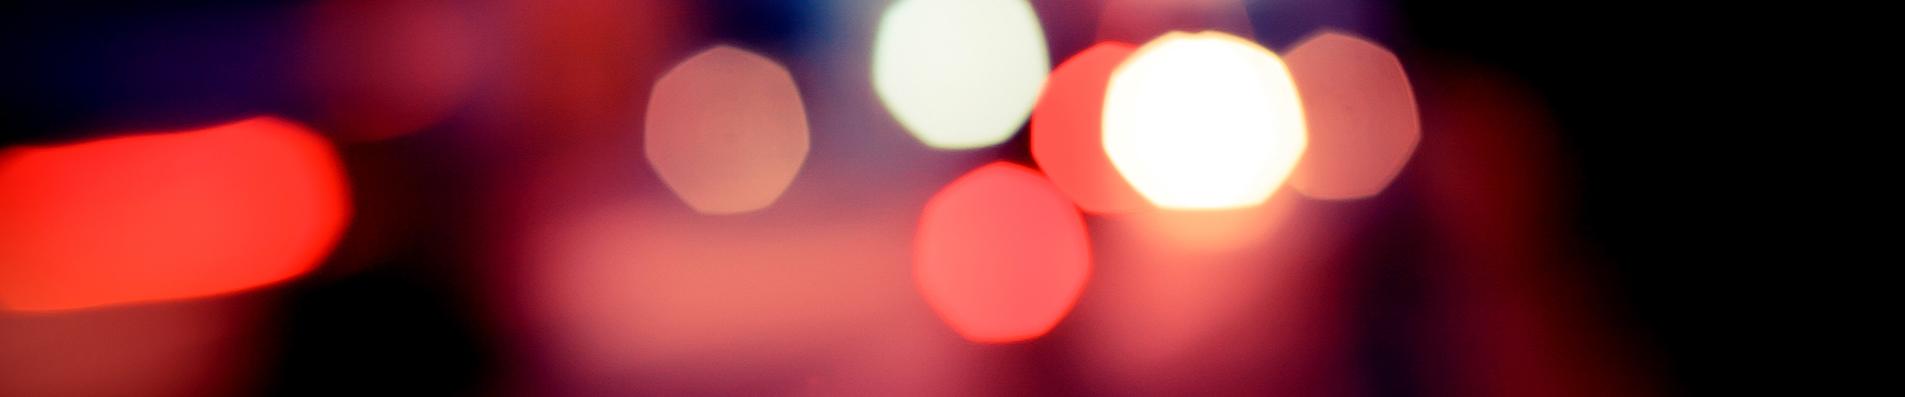 lichtpunkte_rot